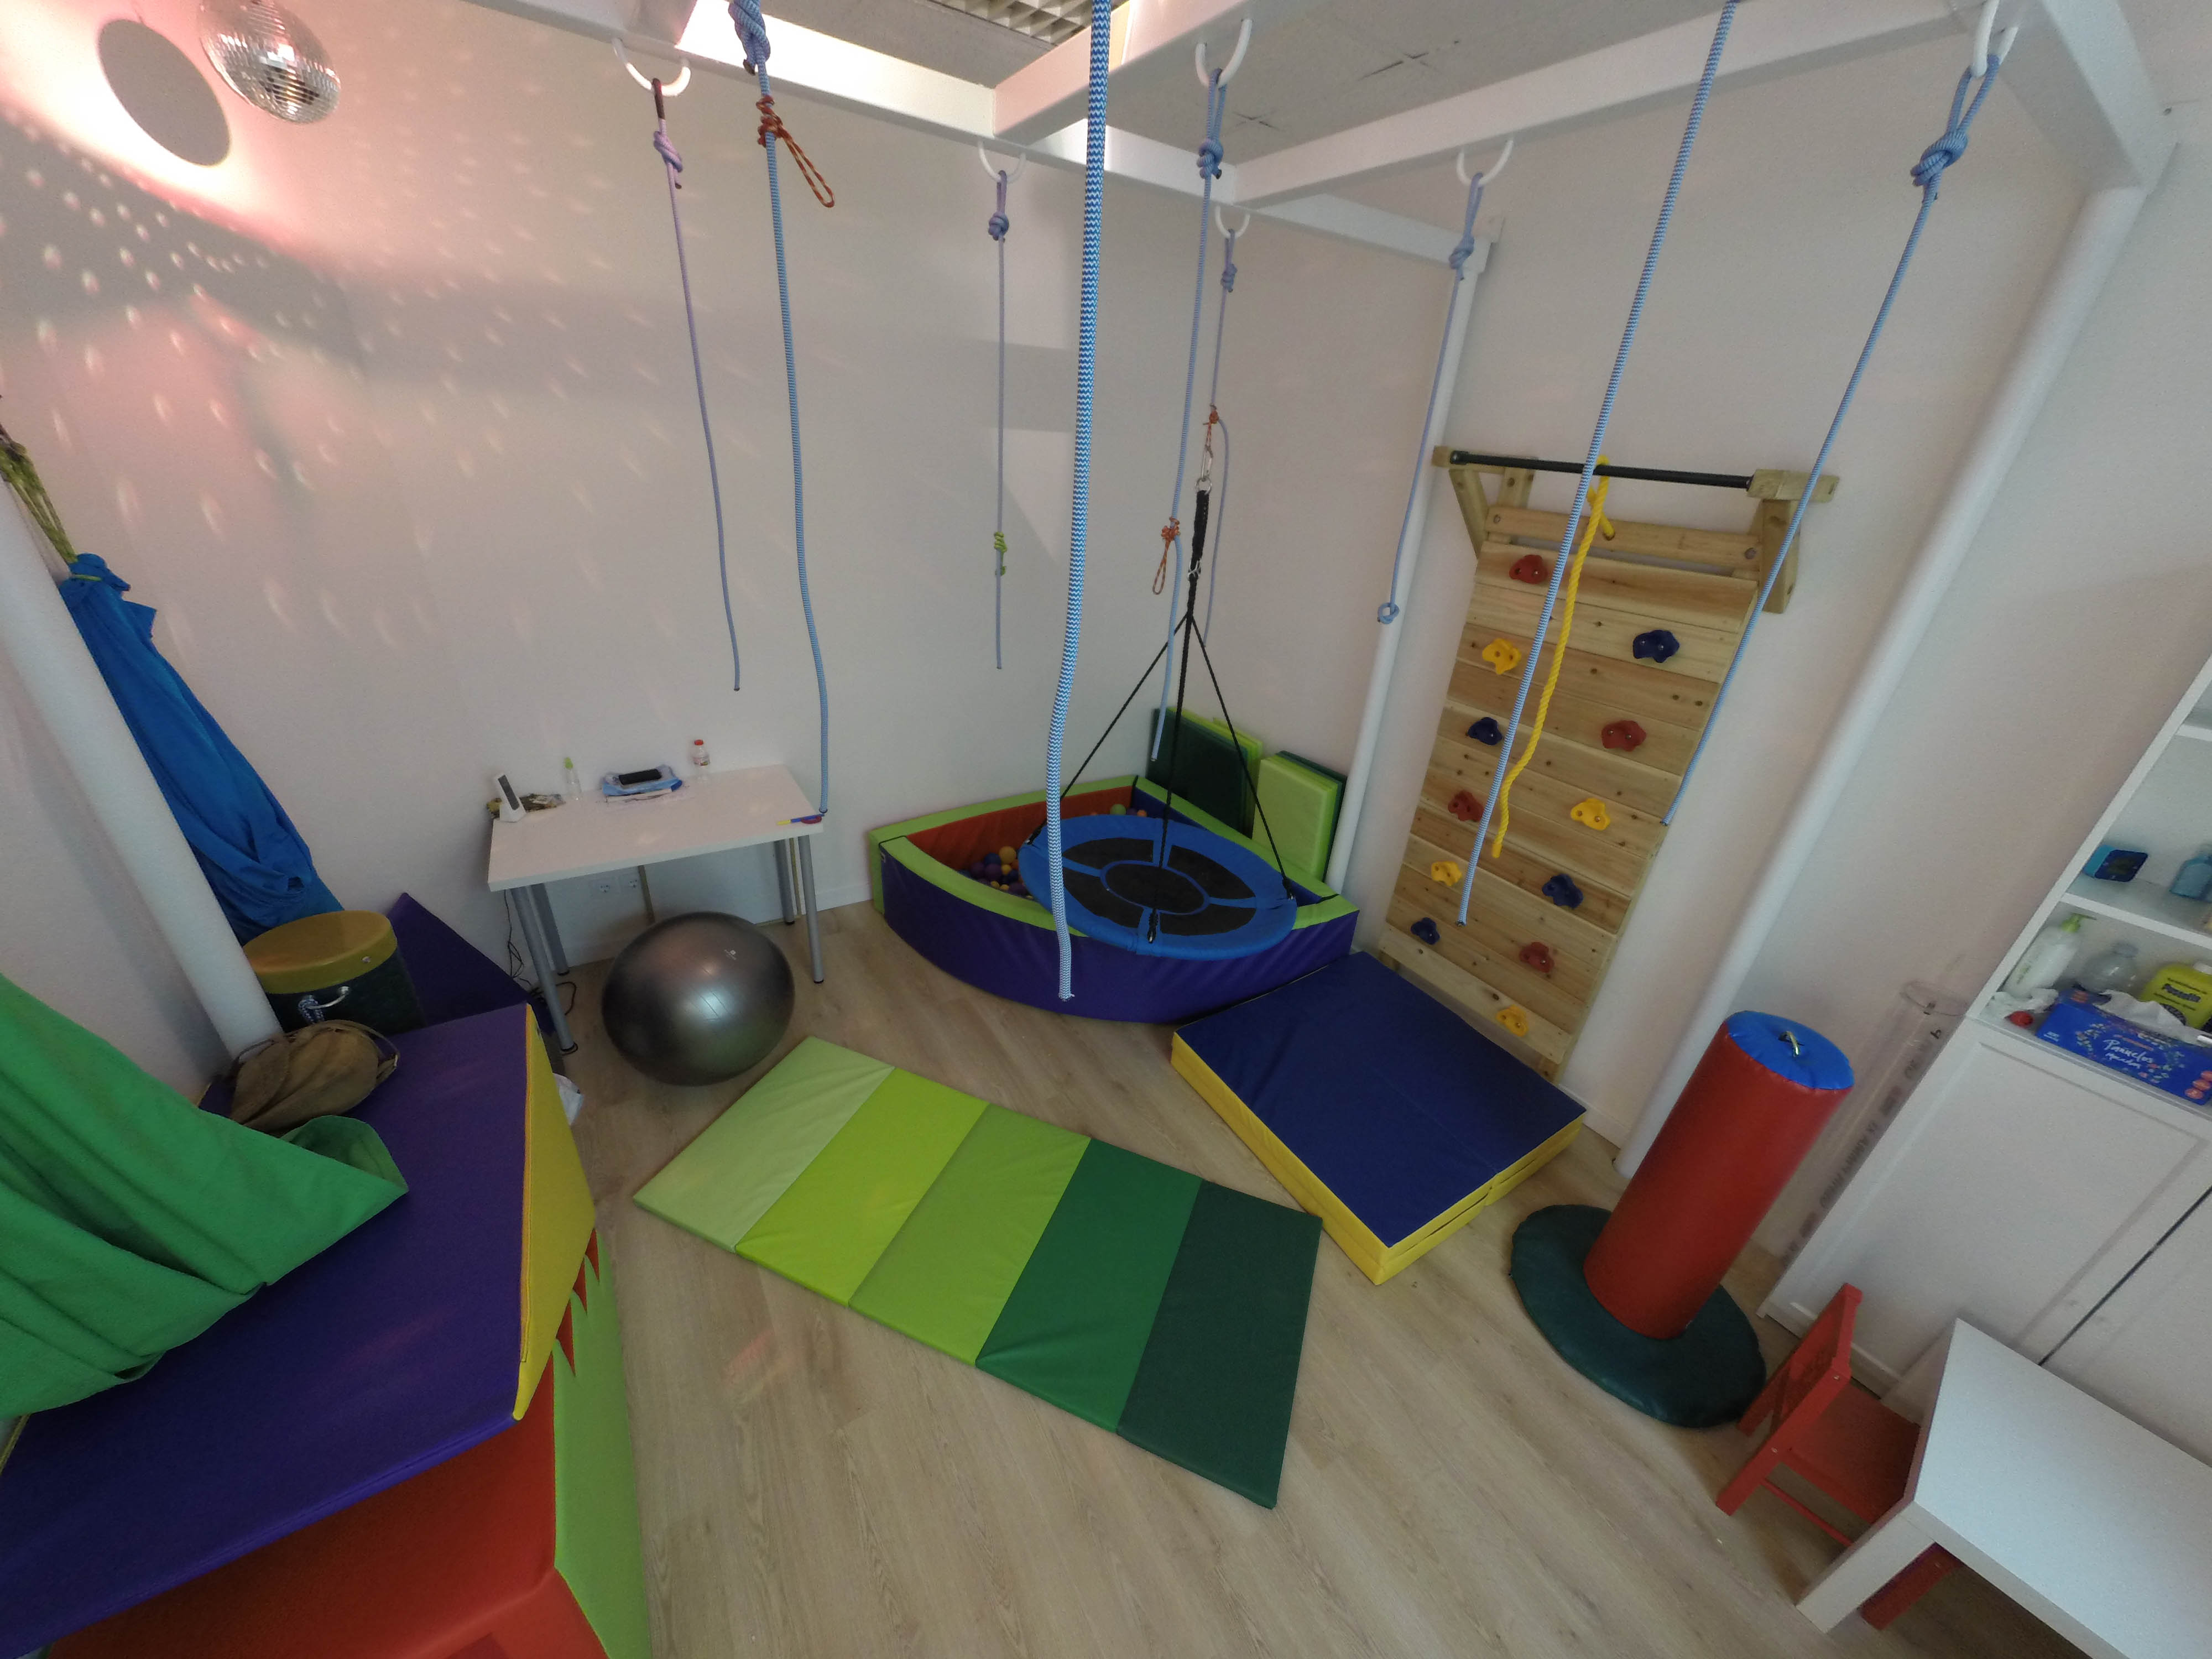 Otra Sala del Centro de Integración Sensorial en Valencia, podemos ver colchonetas, rampas, rocódromo, piscina de bolas, pelota enorme y una red de lianas de las que colgarse